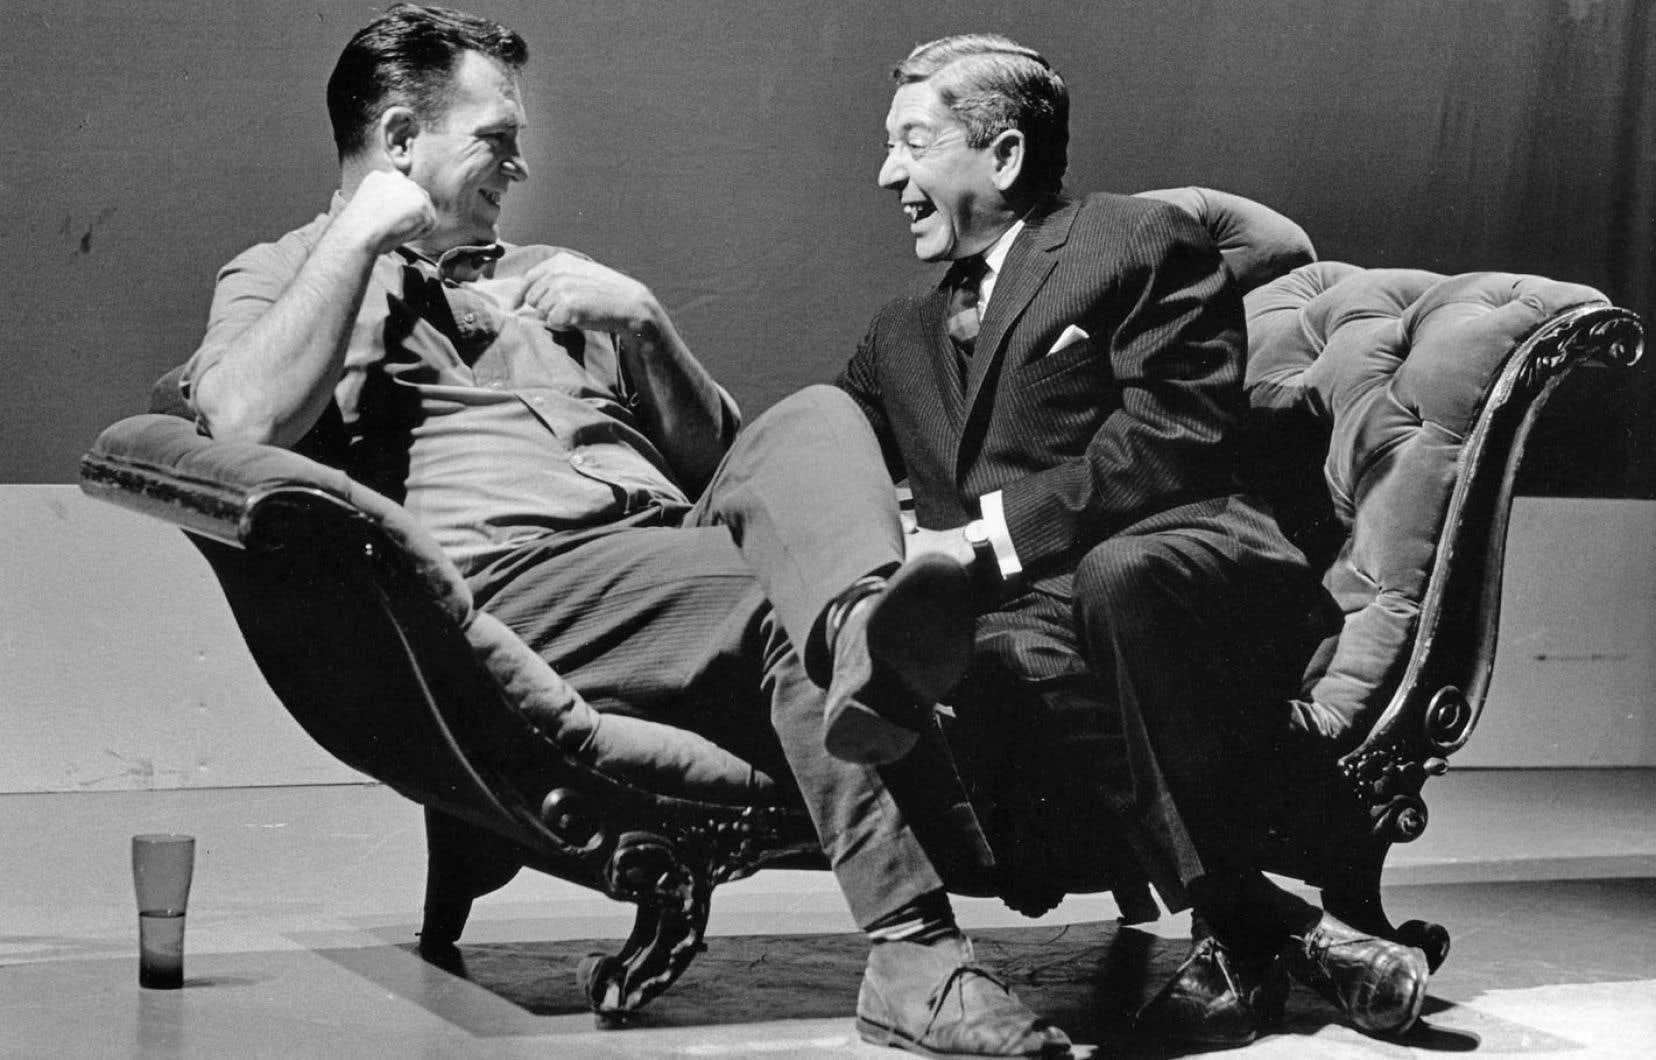 Parmi les documents archivés, on trouve des clips du Sel de la semaine, une émission dans laquelle Fernand Séguin menait de grandes entrevues (ici avec Jack Kerouac), à l'antenne de 1965 à 1970.